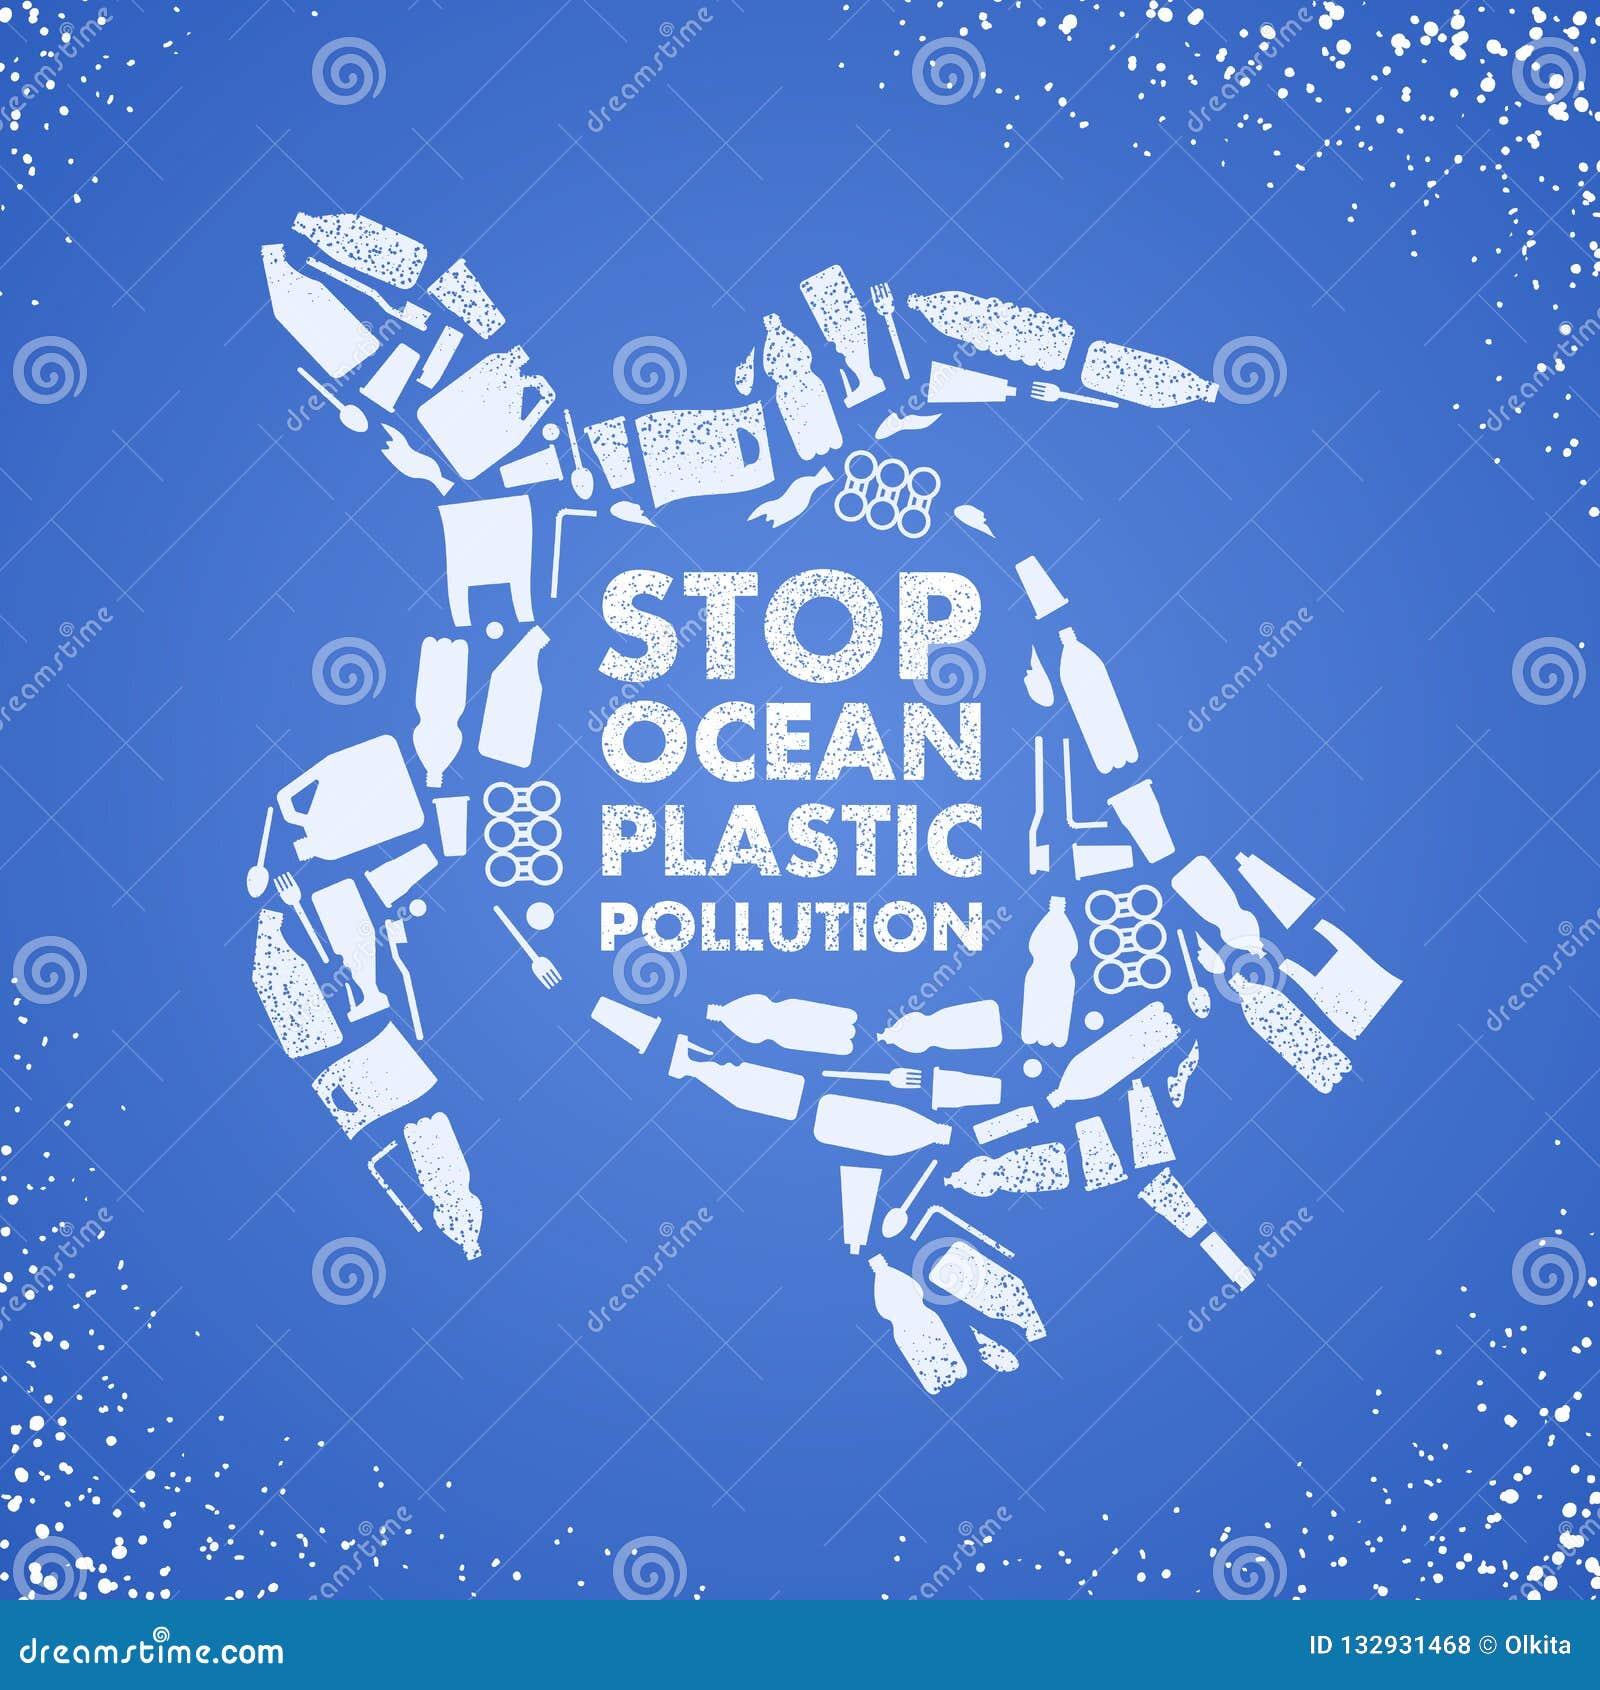 Endozeanplastikverschmutzung Ökologisches Plakat Schildkröte bestanden aus weißer überschüssiger Plastiktasche, Flasche auf blaue